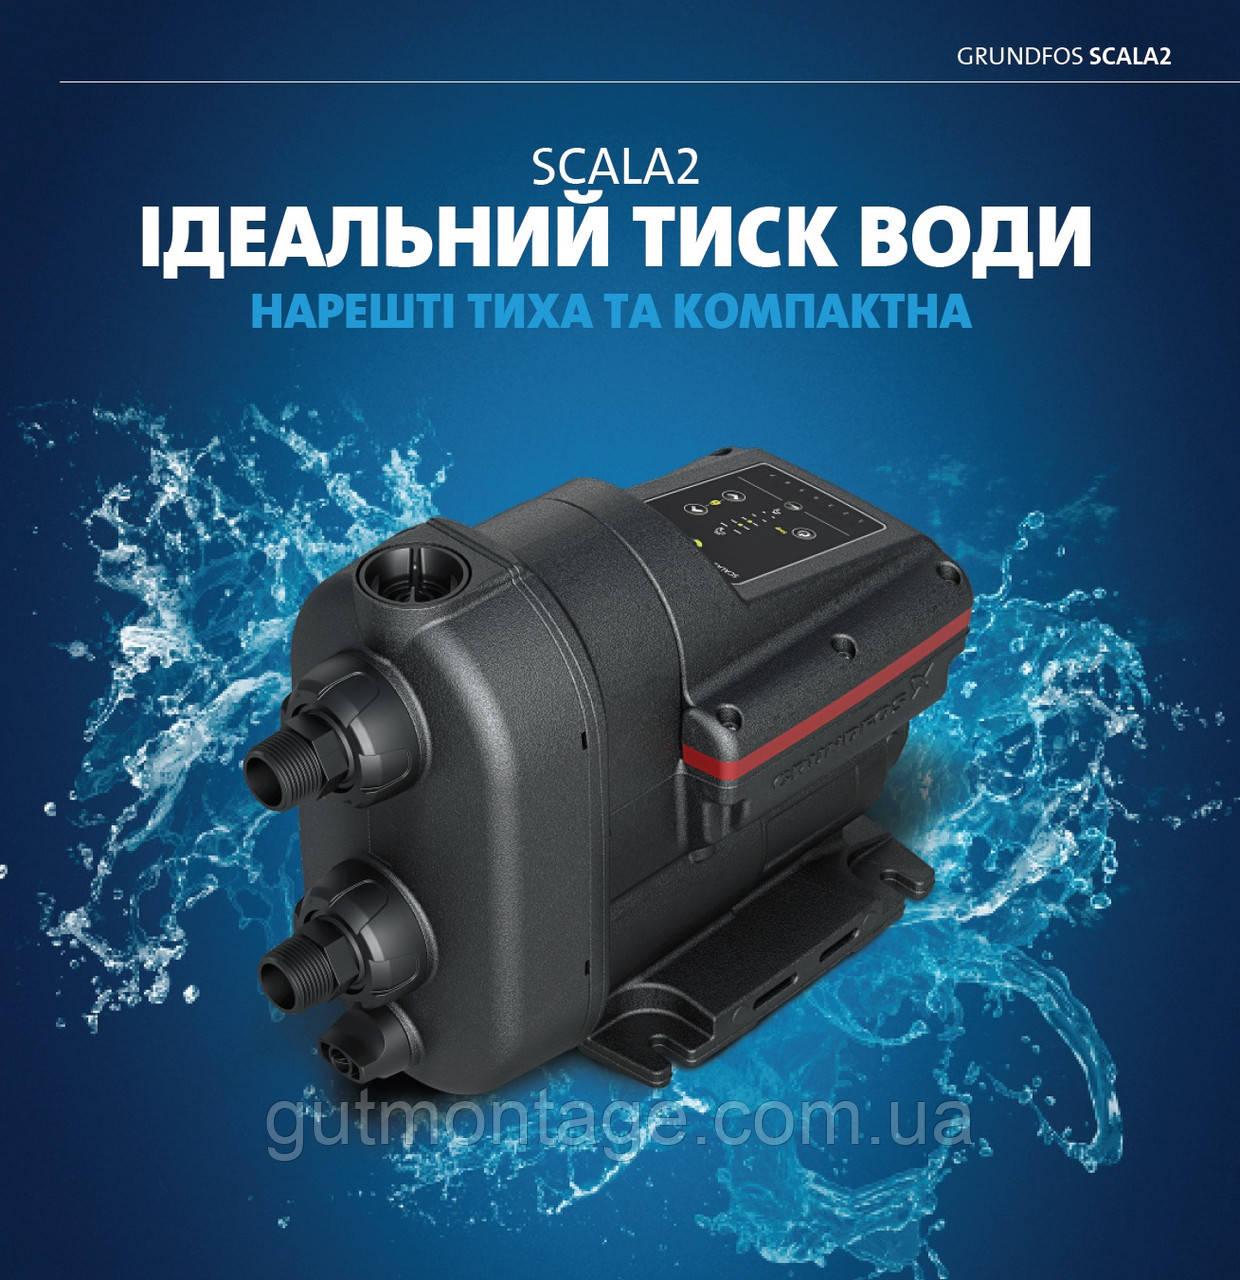 NSV 700л. + SCALA 2. Емкость и гидрофор по спец. цене!